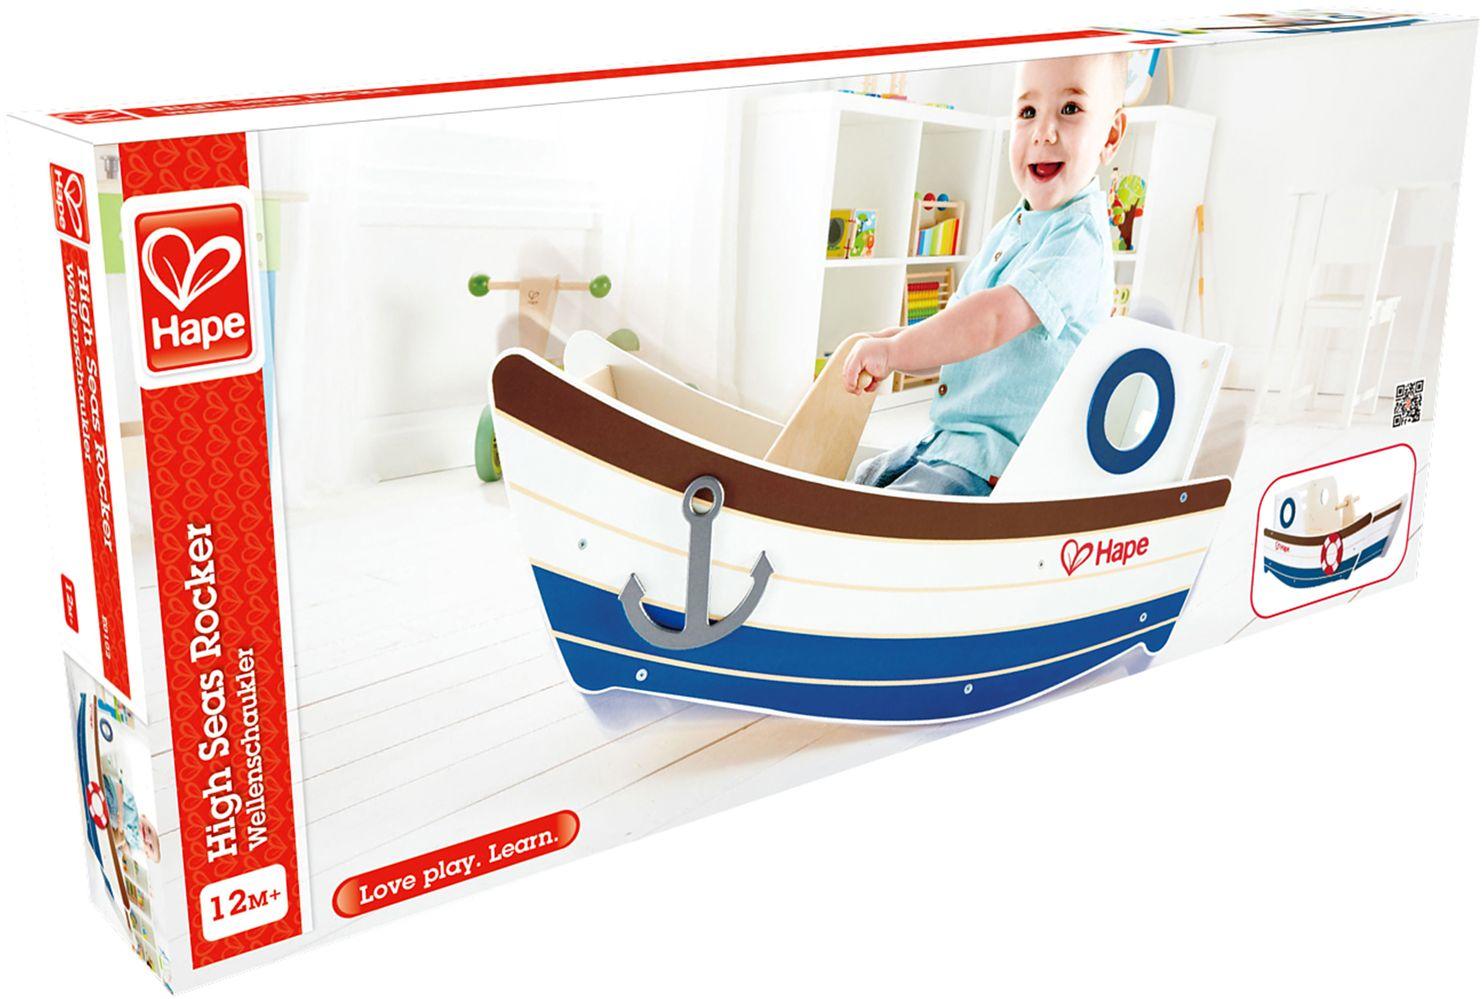 Schaukelboot von Hape